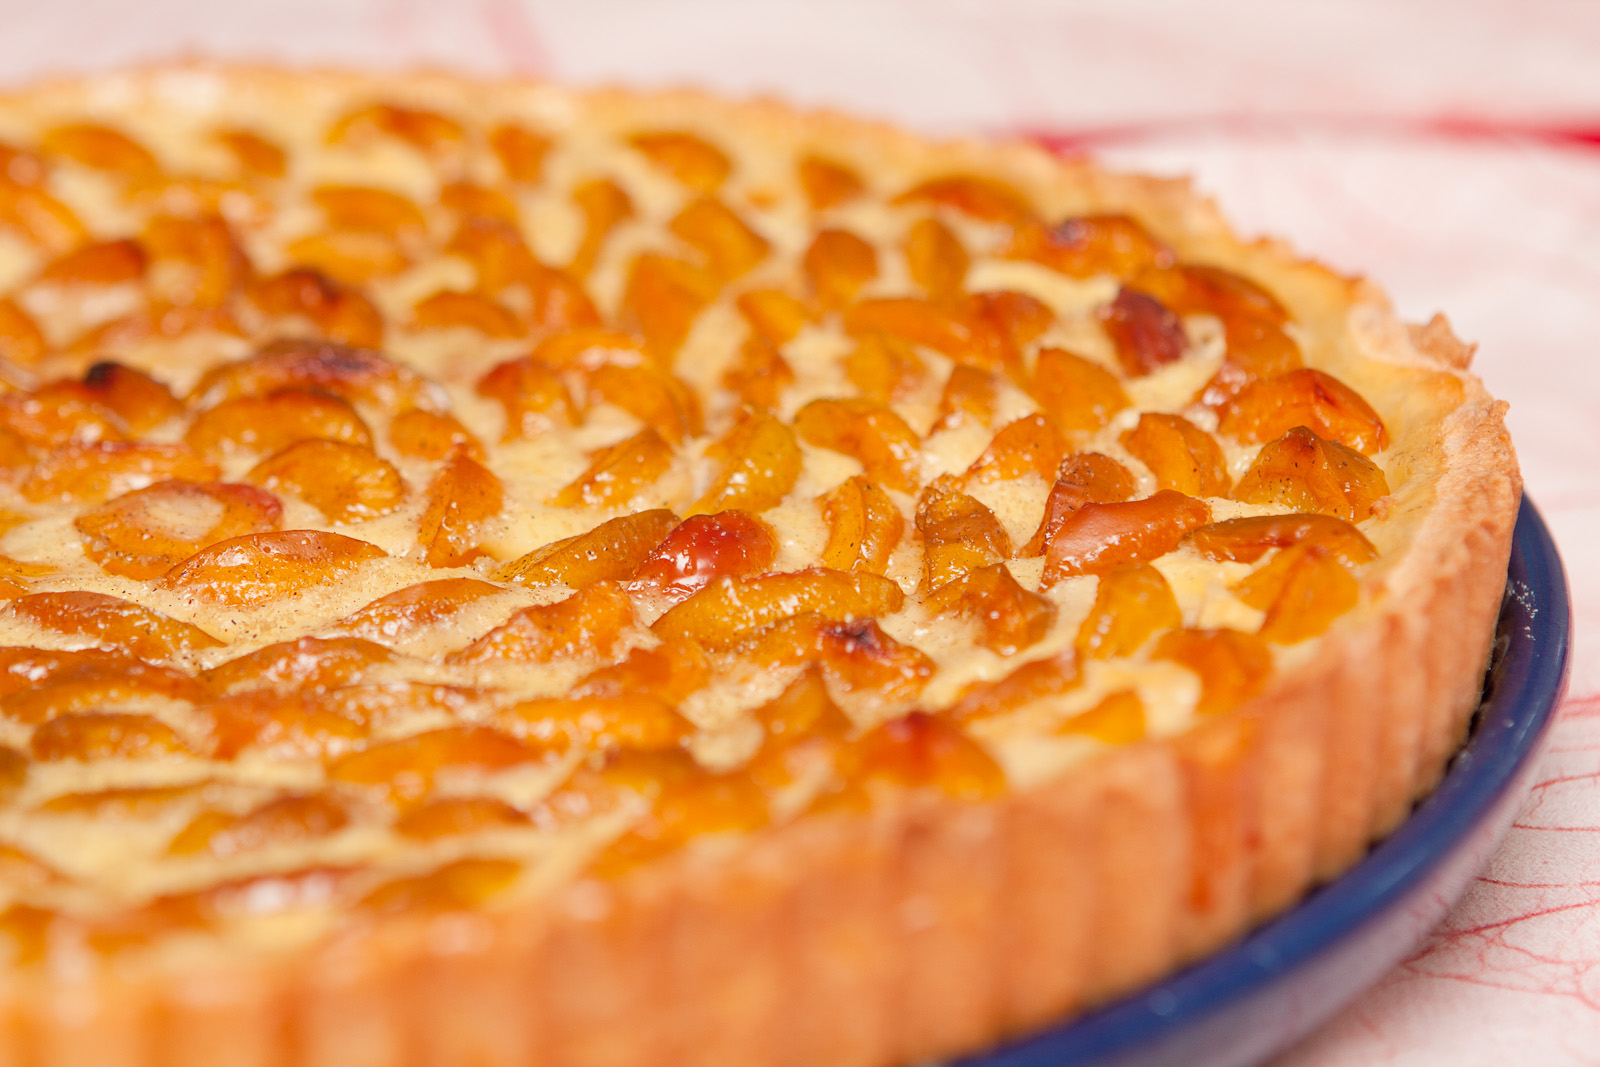 La recette du jeudi le g teau lorrain aux mirabelles le rendez vous des arts culinaires - Recette avec des mirabelles ...